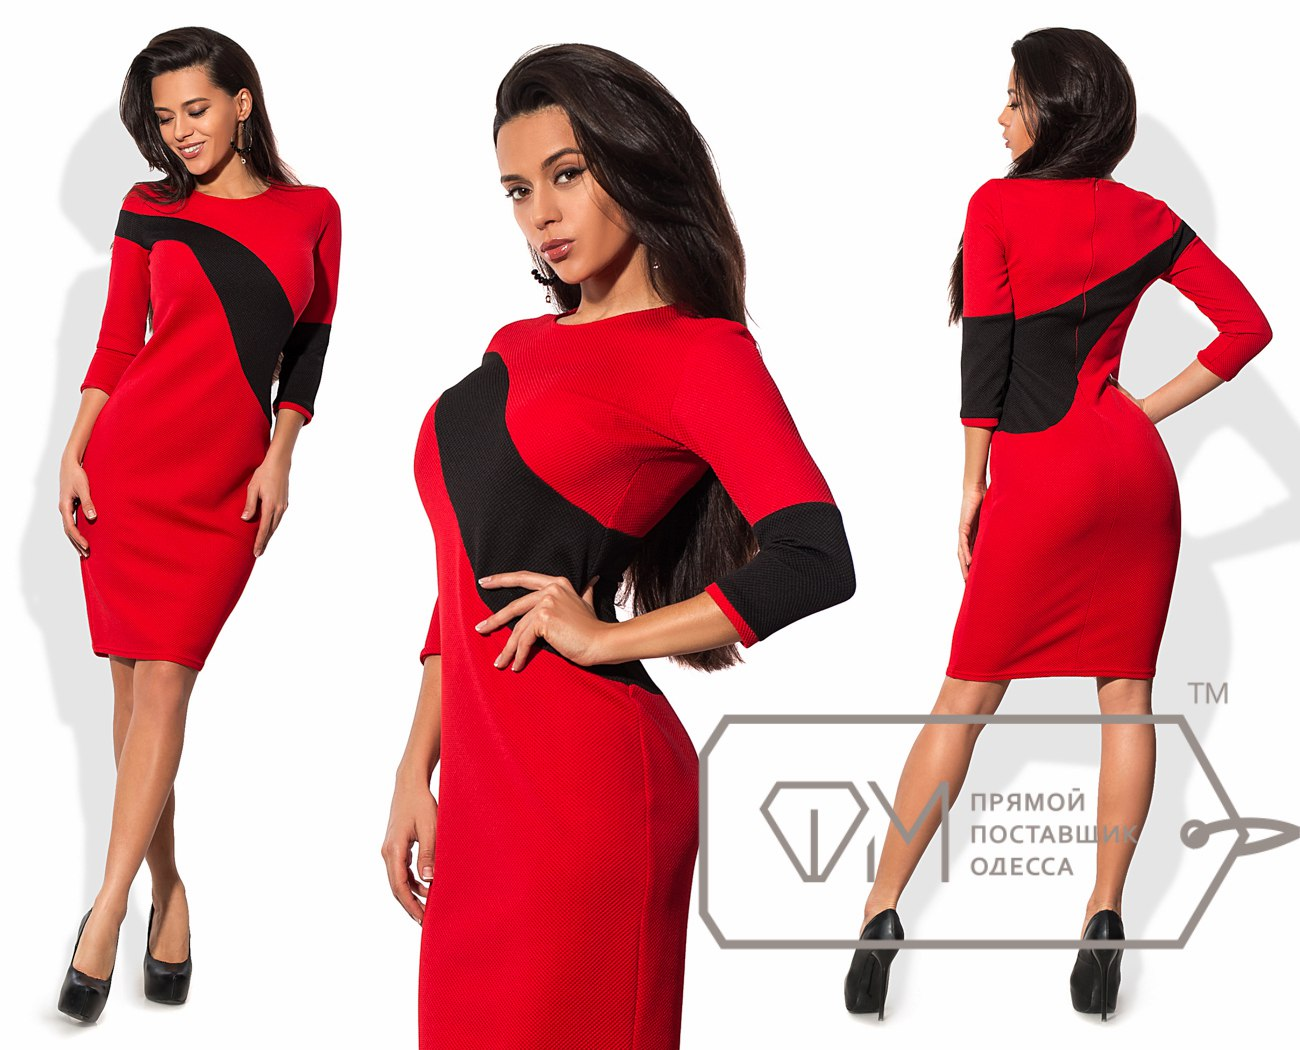 Платье прямой поставщик одесса